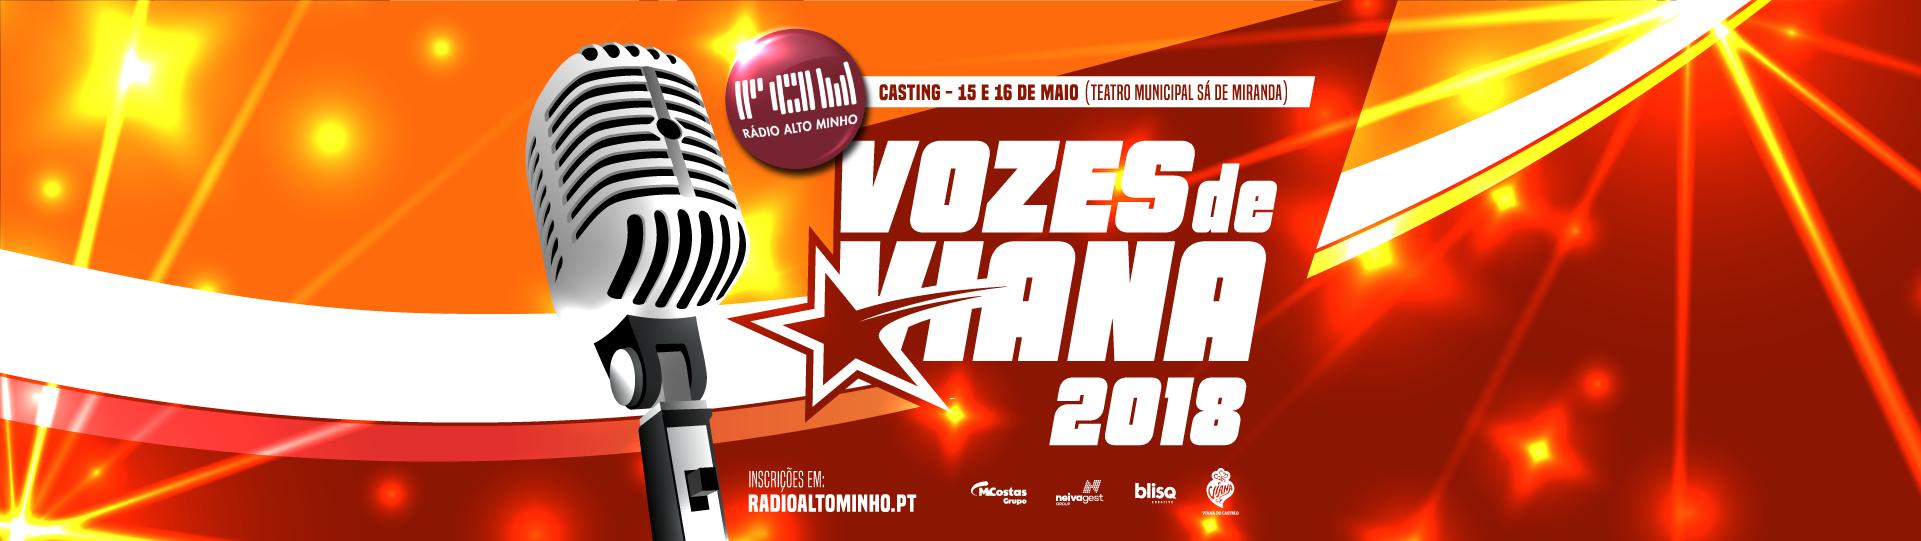 slider-site-vozes-viana-2018-1